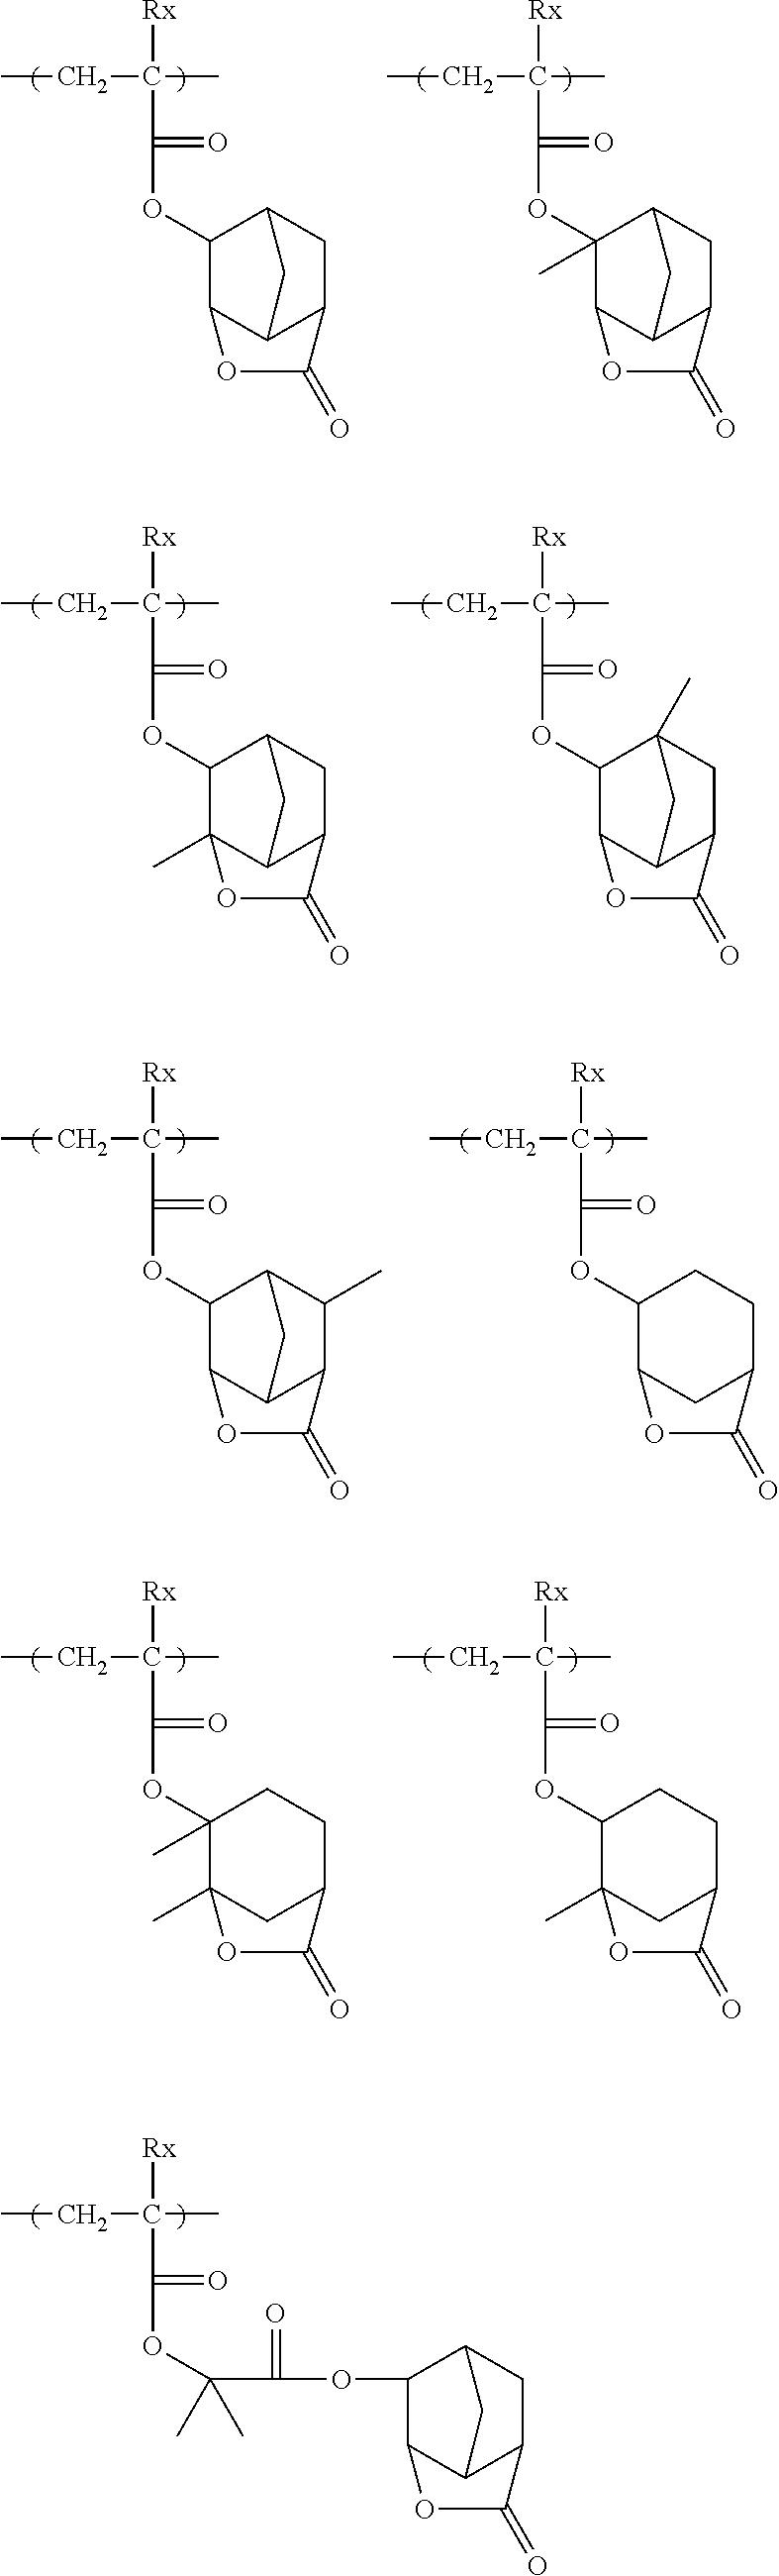 Figure US08632942-20140121-C00027